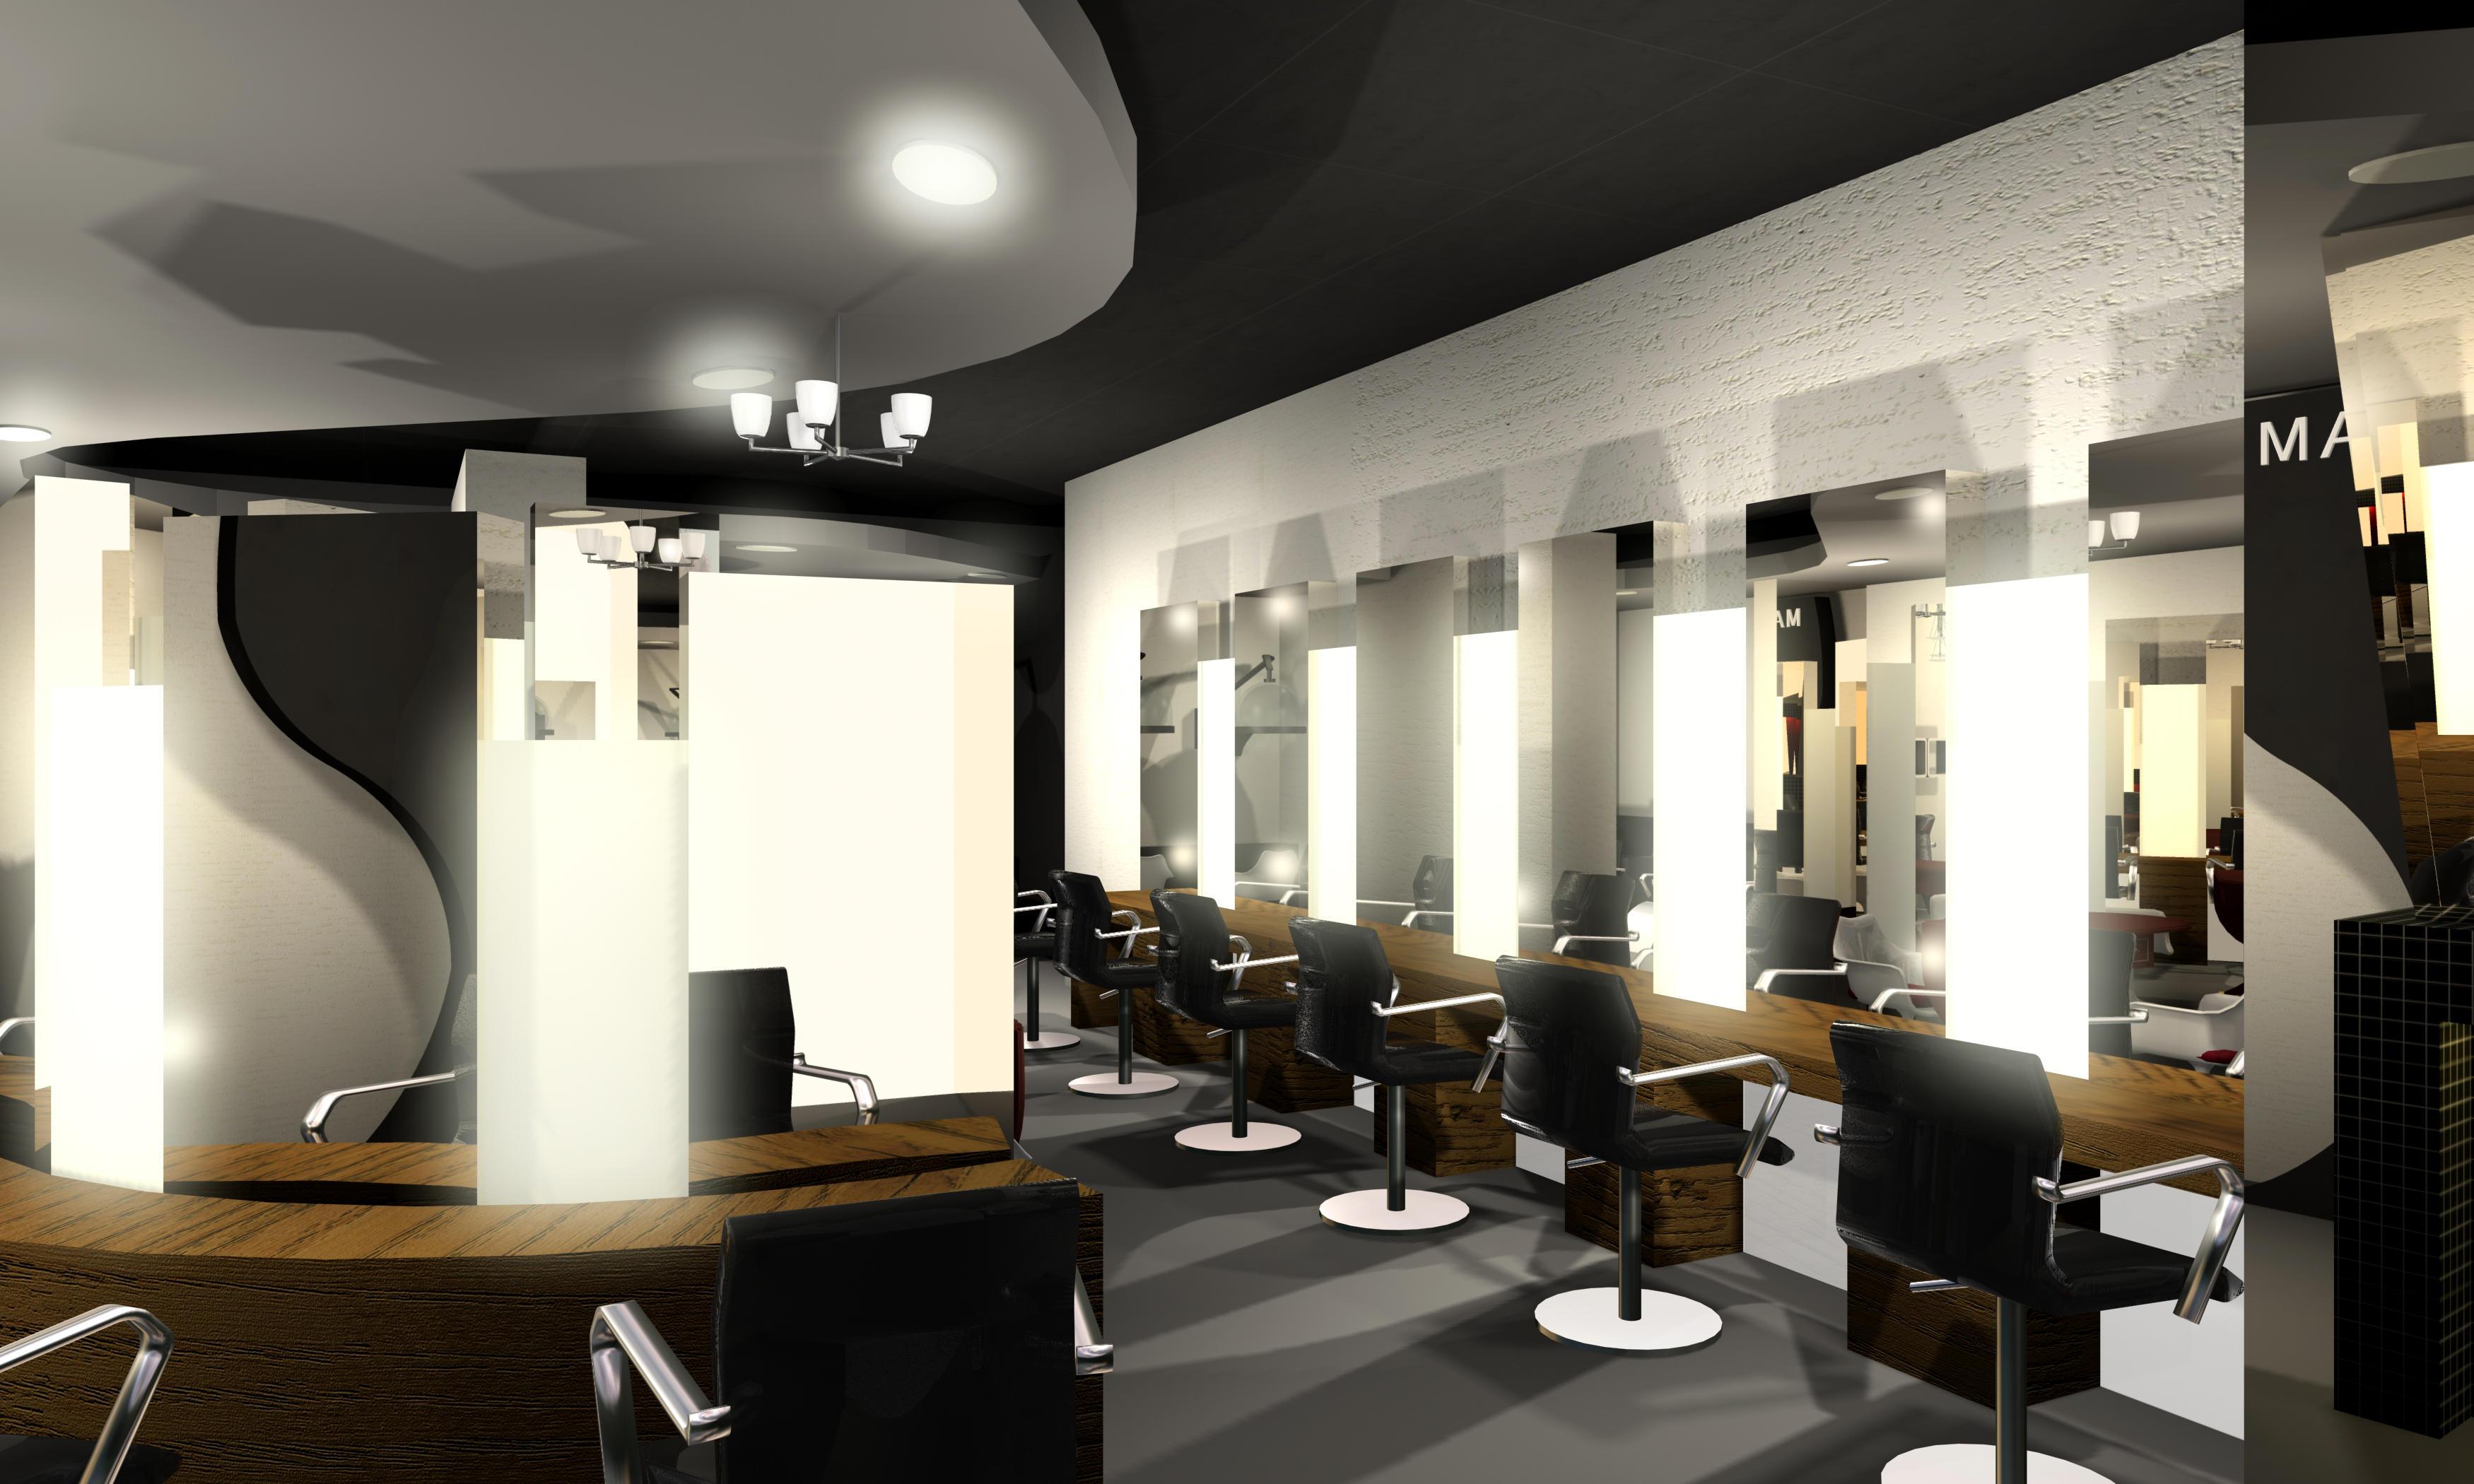 Nail Salon Interior Design Ideas Pictures   Interior View Of Salon By  Jianzwindz On DeviantArt